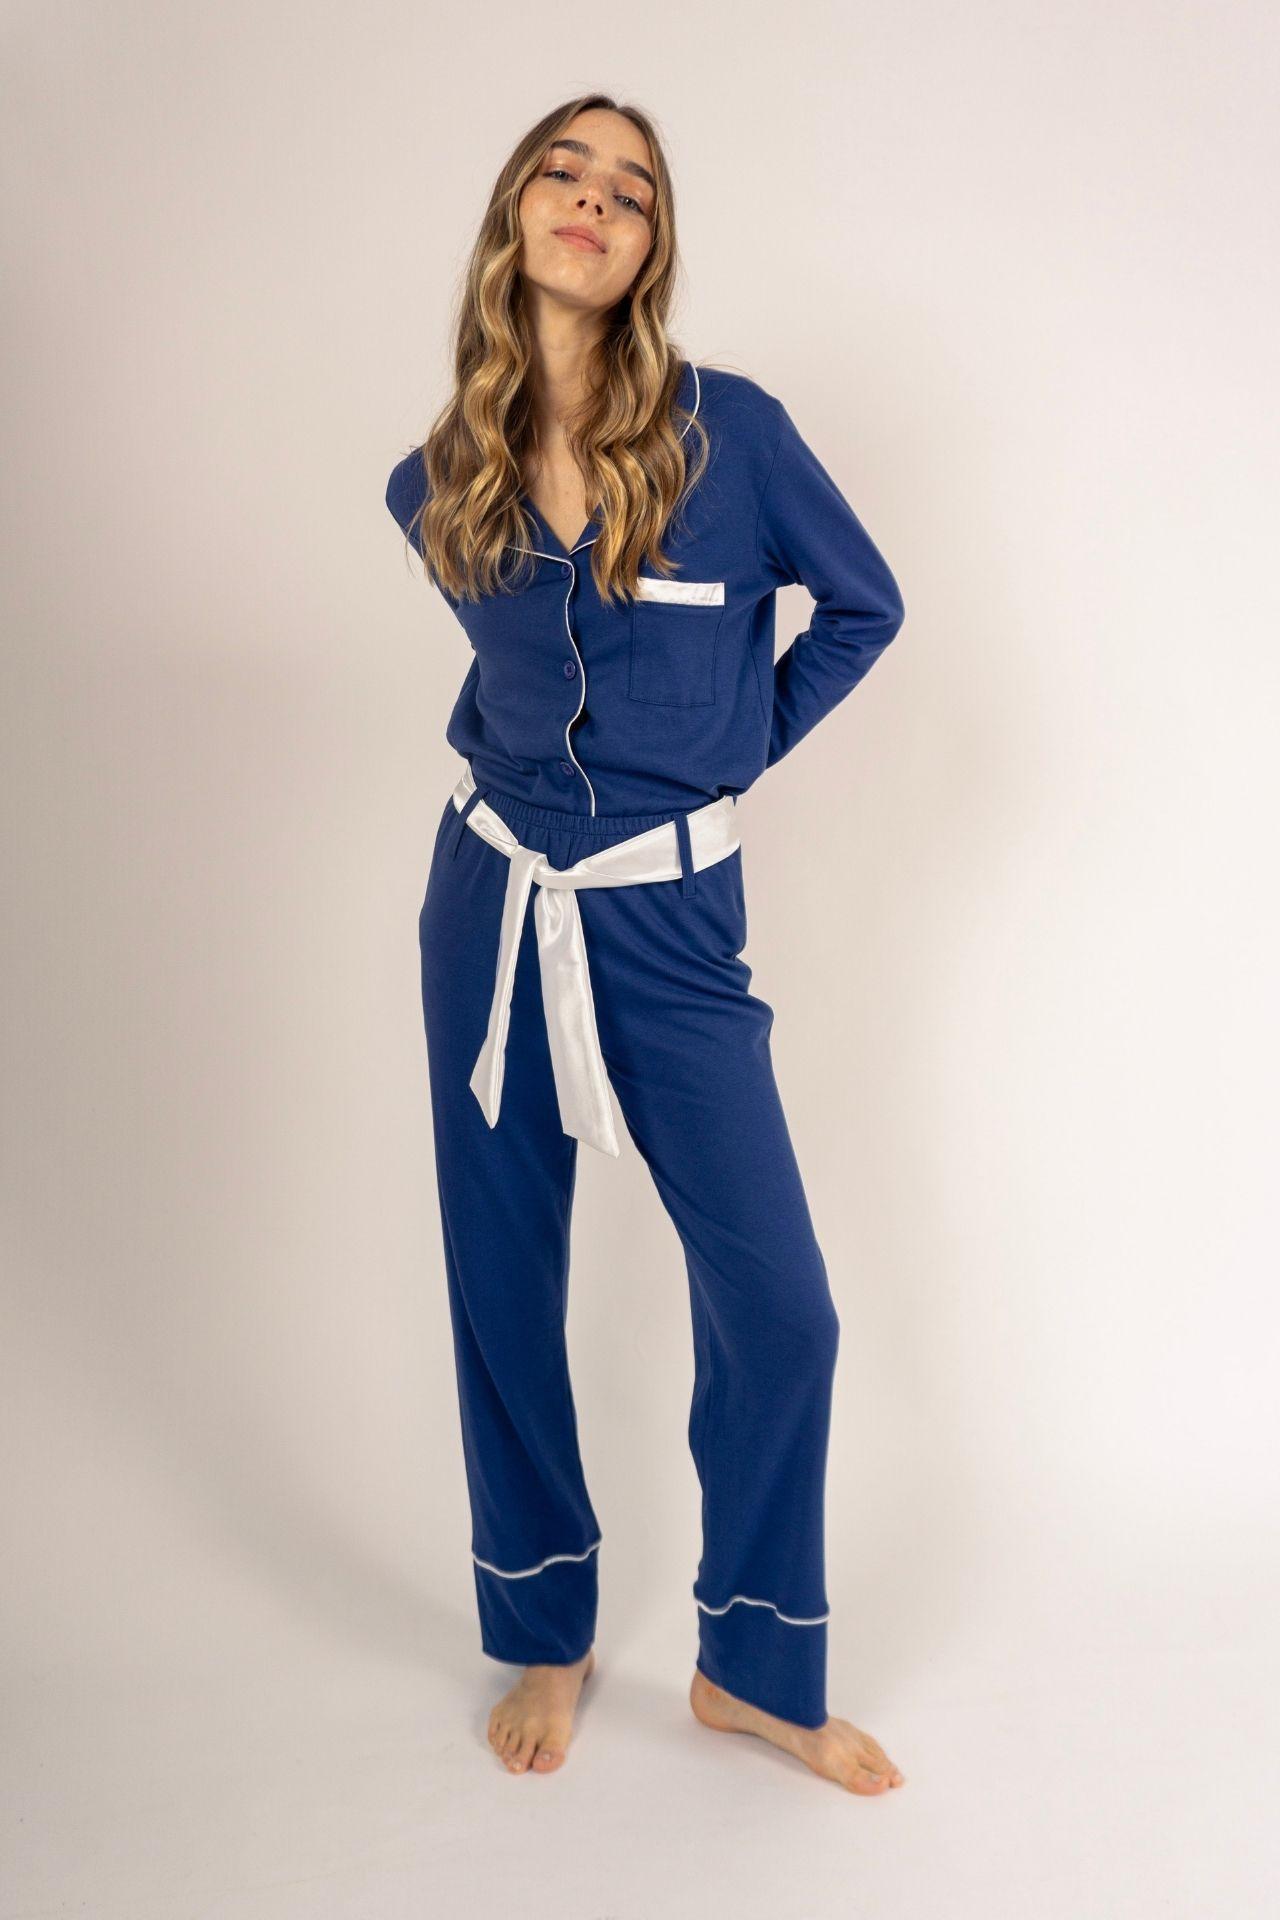 ¡El pijama que necesitas! Es cómodo, es uno de nuestros favoritos. Conjunto de dos piezas con detalles como correa de seda removible. Amarás la suavidad y detalle de este pijama! El polo se puede usar dentro y fuera. Cuidados: no usar secadora, lavar con agua fría